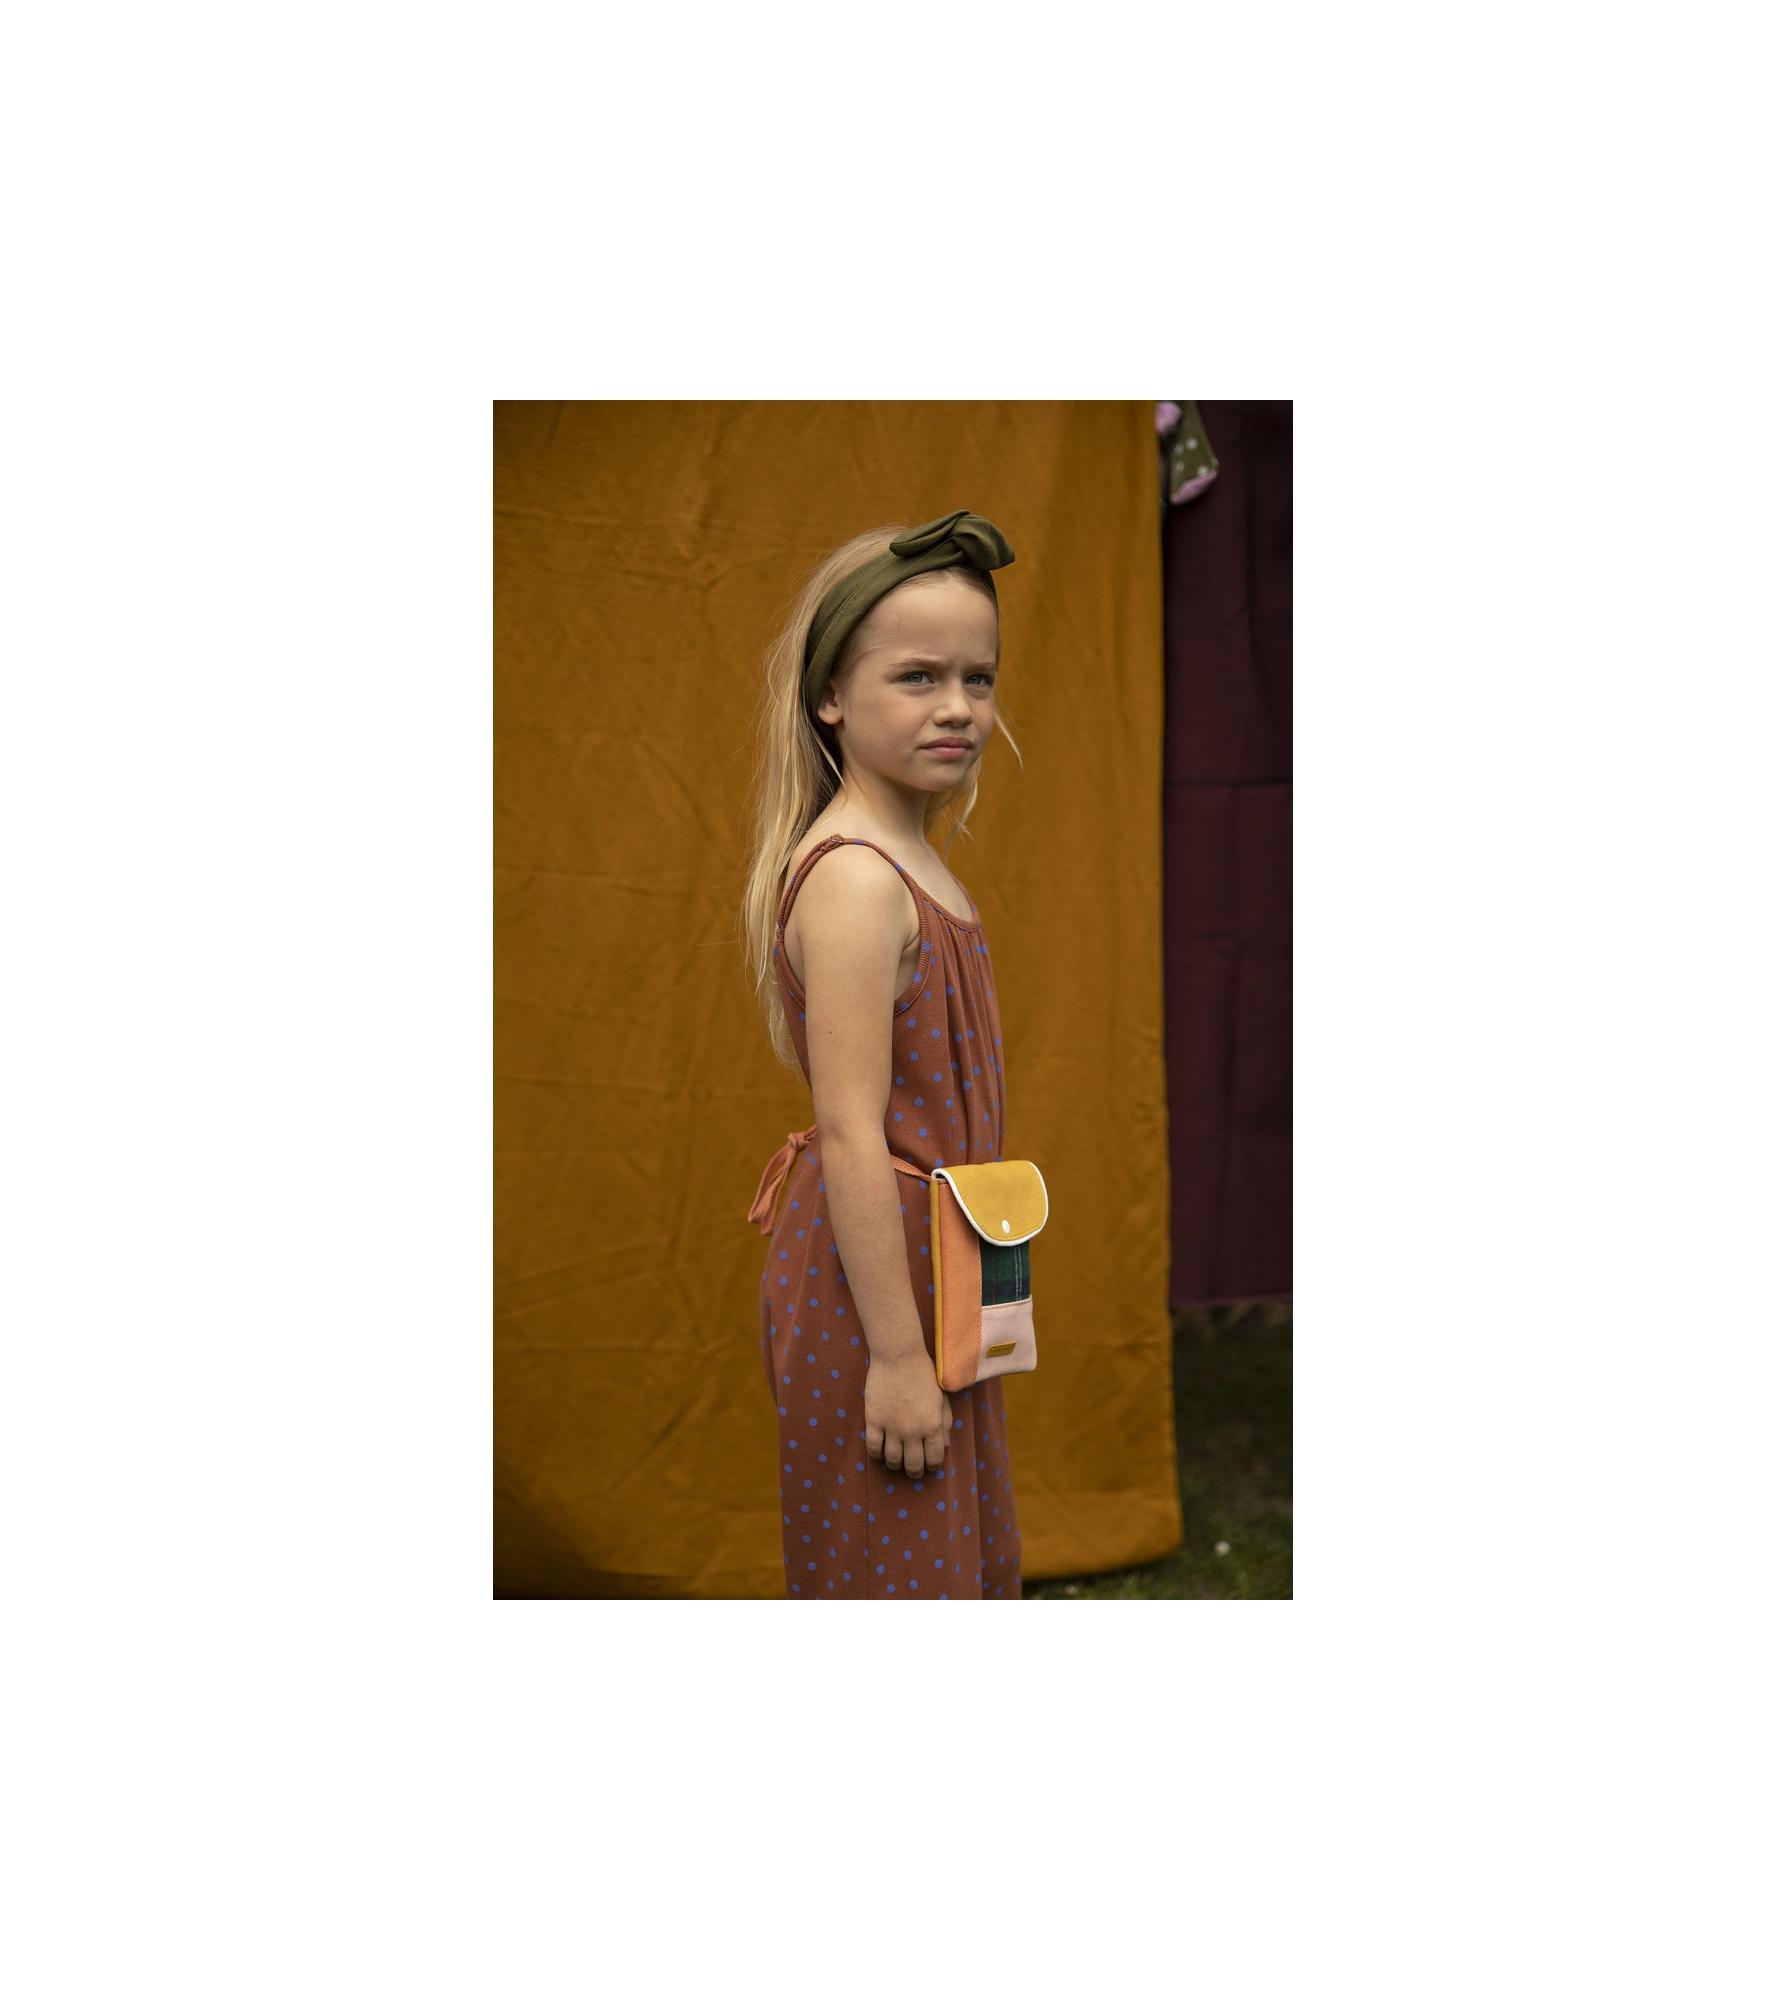 1801678 - Sticky Lemon - wallet bag - wanderer - forest green checks - style shot 01.jpg